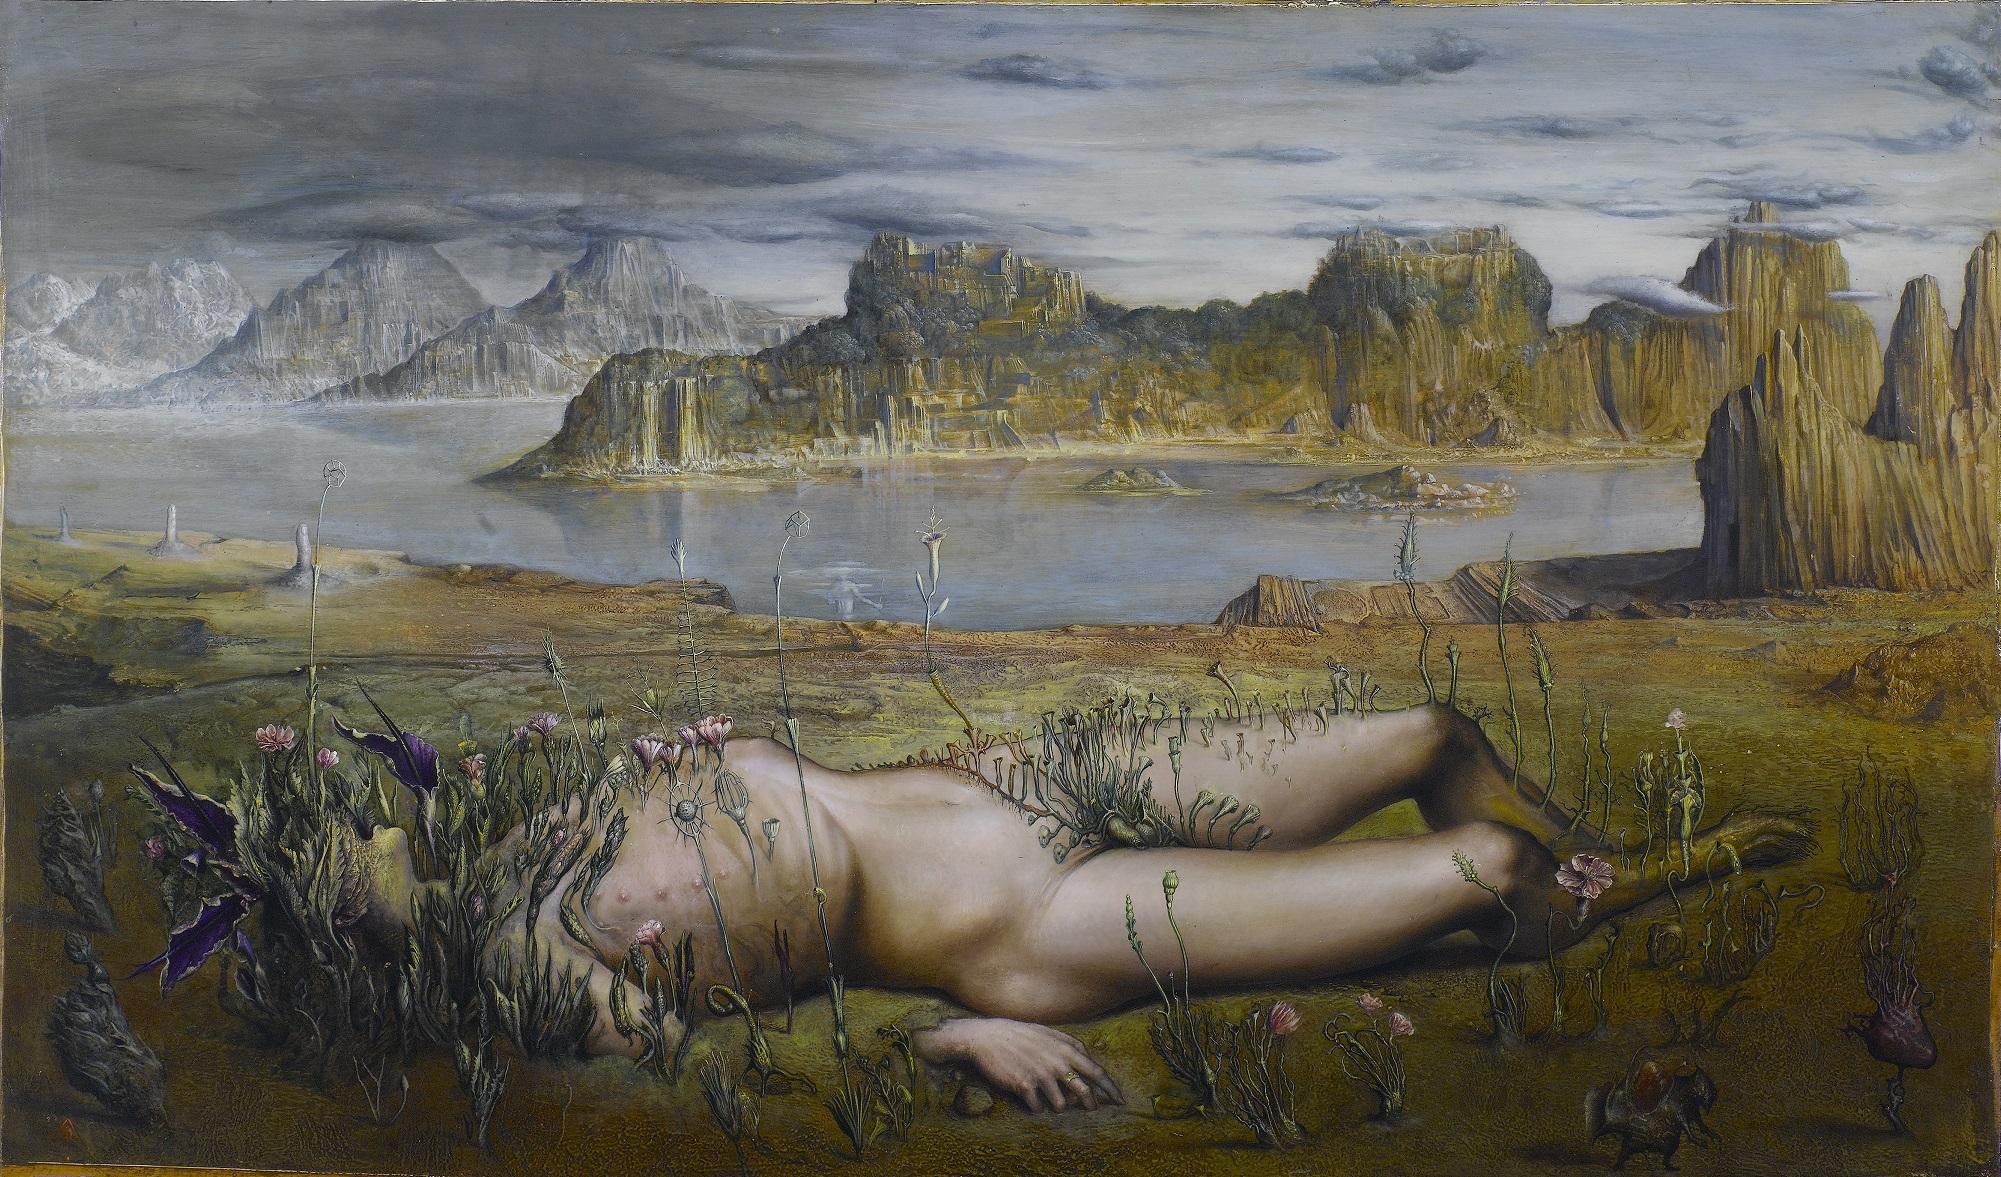 Eccezionale La Via dell'Eroe: la pittura di Agostino Arrivabene – Espoarte LJ97